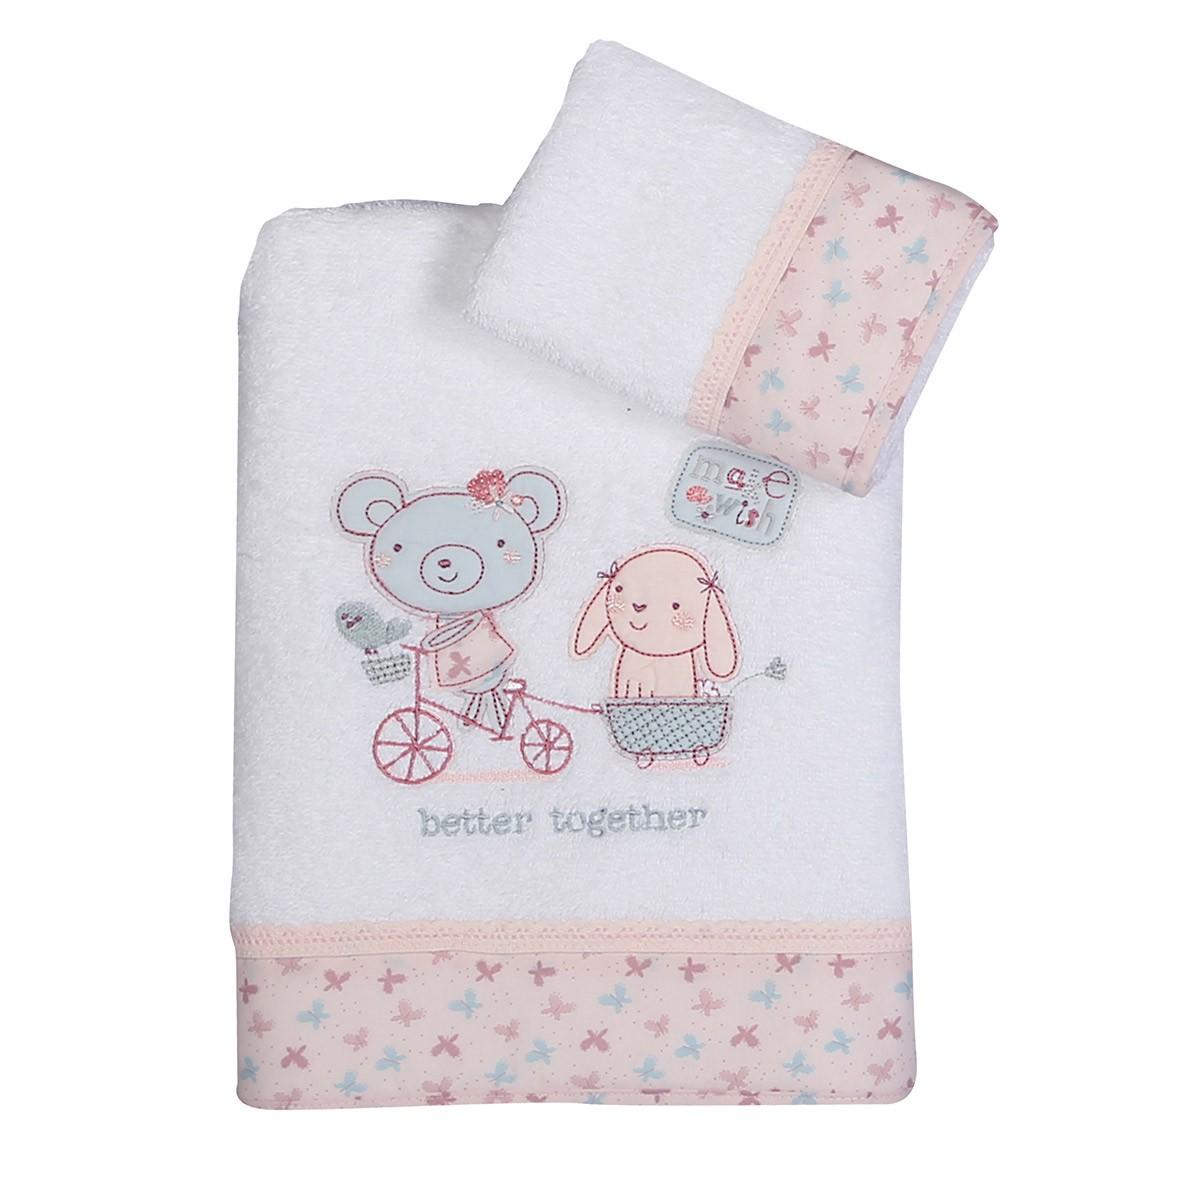 Βρεφικές Πετσέτες (Σετ 2τμχ) Nef-Nef Baby Better Together